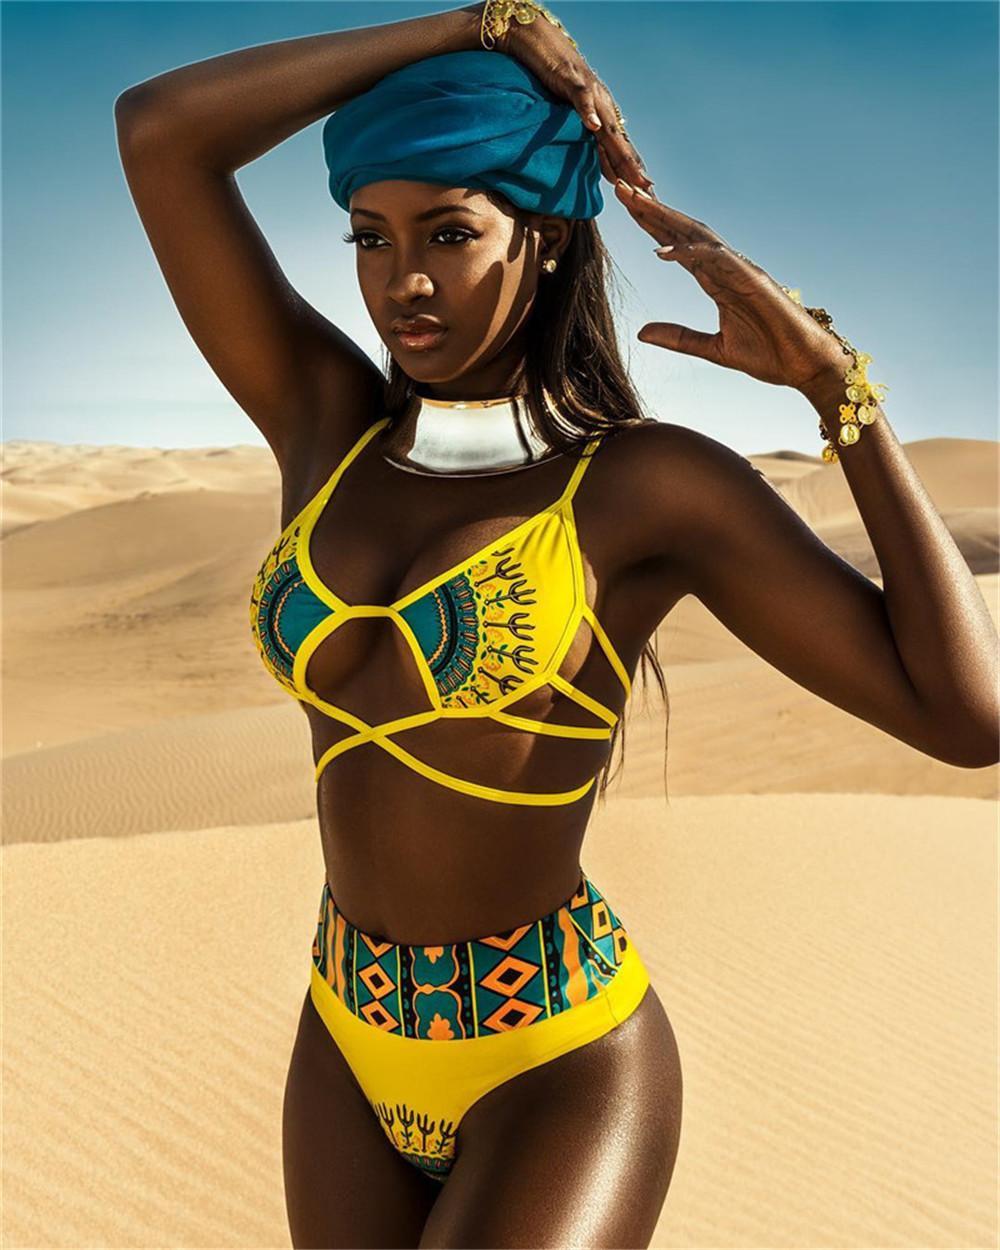 الفتيات الولايات المتحدة مثير ملابس السباحة الأصفر كارتون سيدة الطباعة شاطئ البحر بيكيني ملابس السباحة سبليت اثنين من قطعة ملابس السباحة أحزمة الأشرطة التعادل مرونة حجم قابل للتعديل